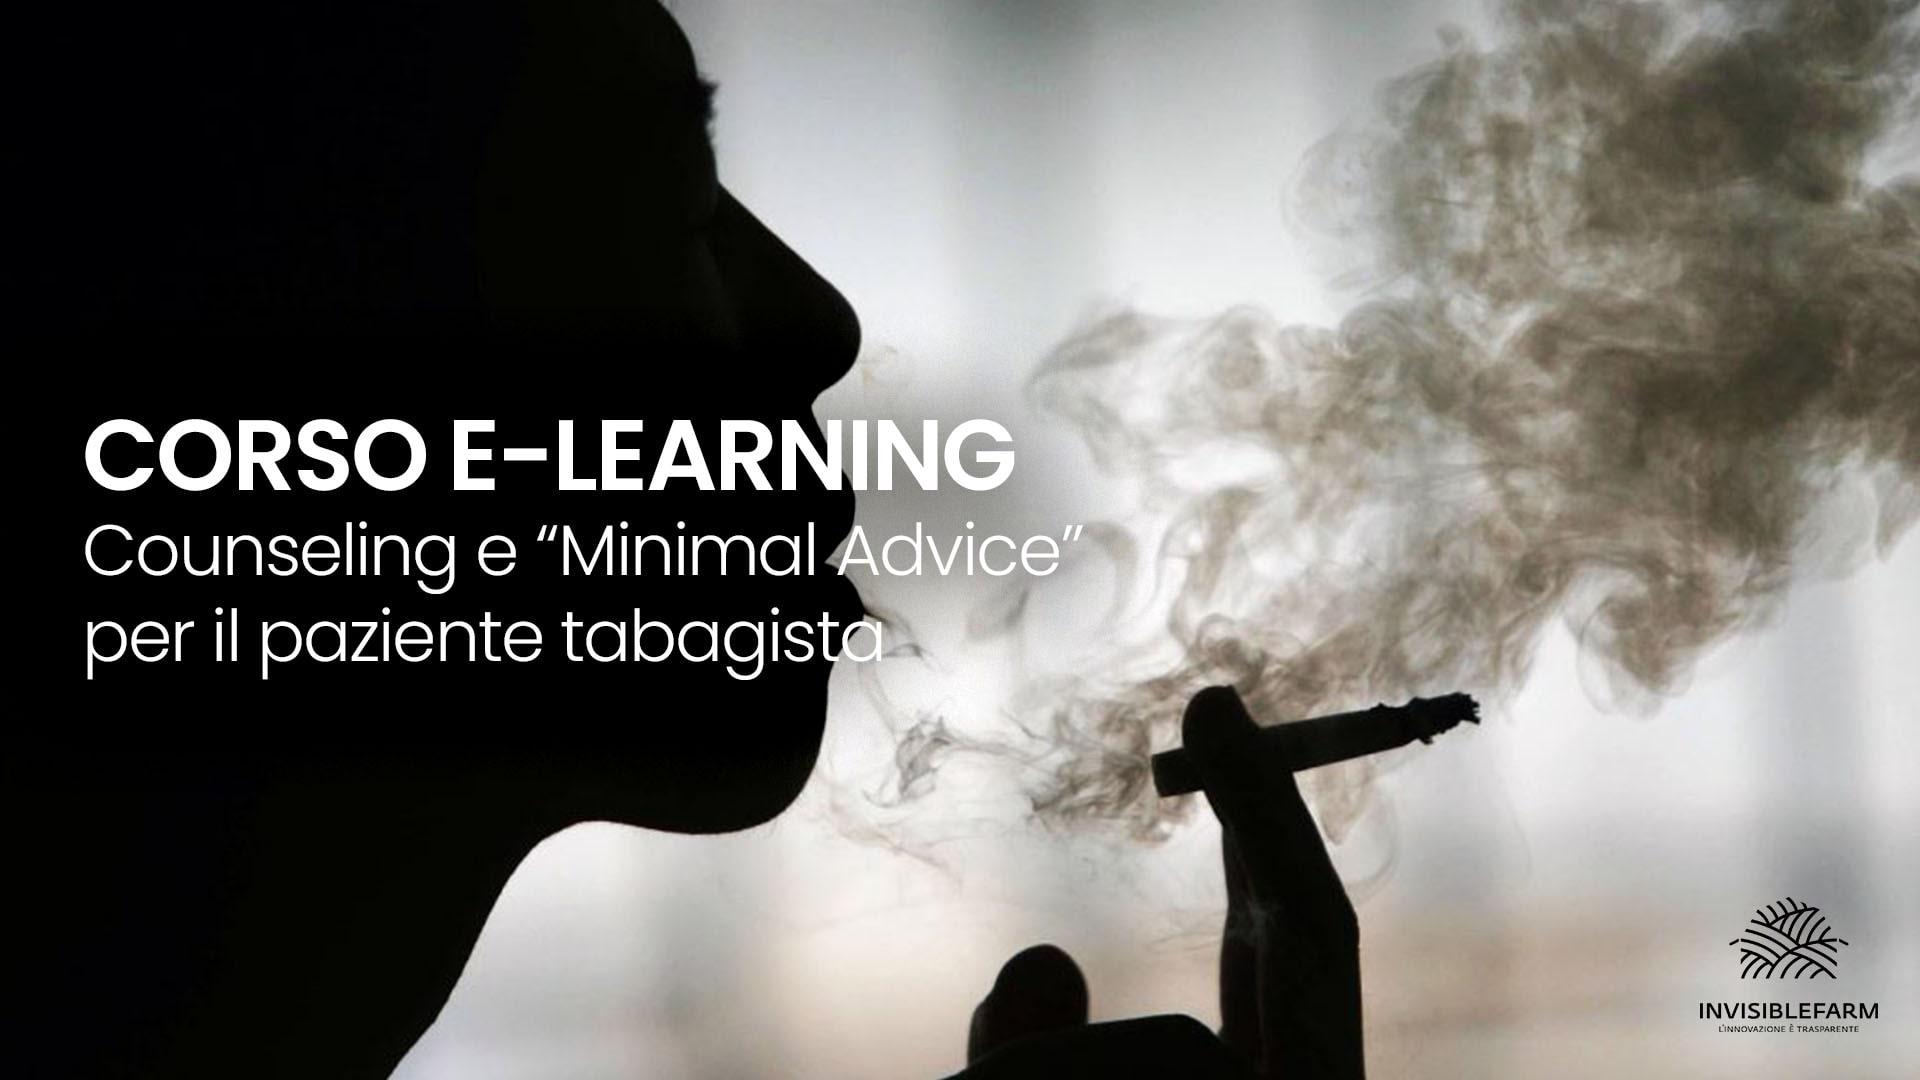 articolo sul corso e-learning per il tabagismo